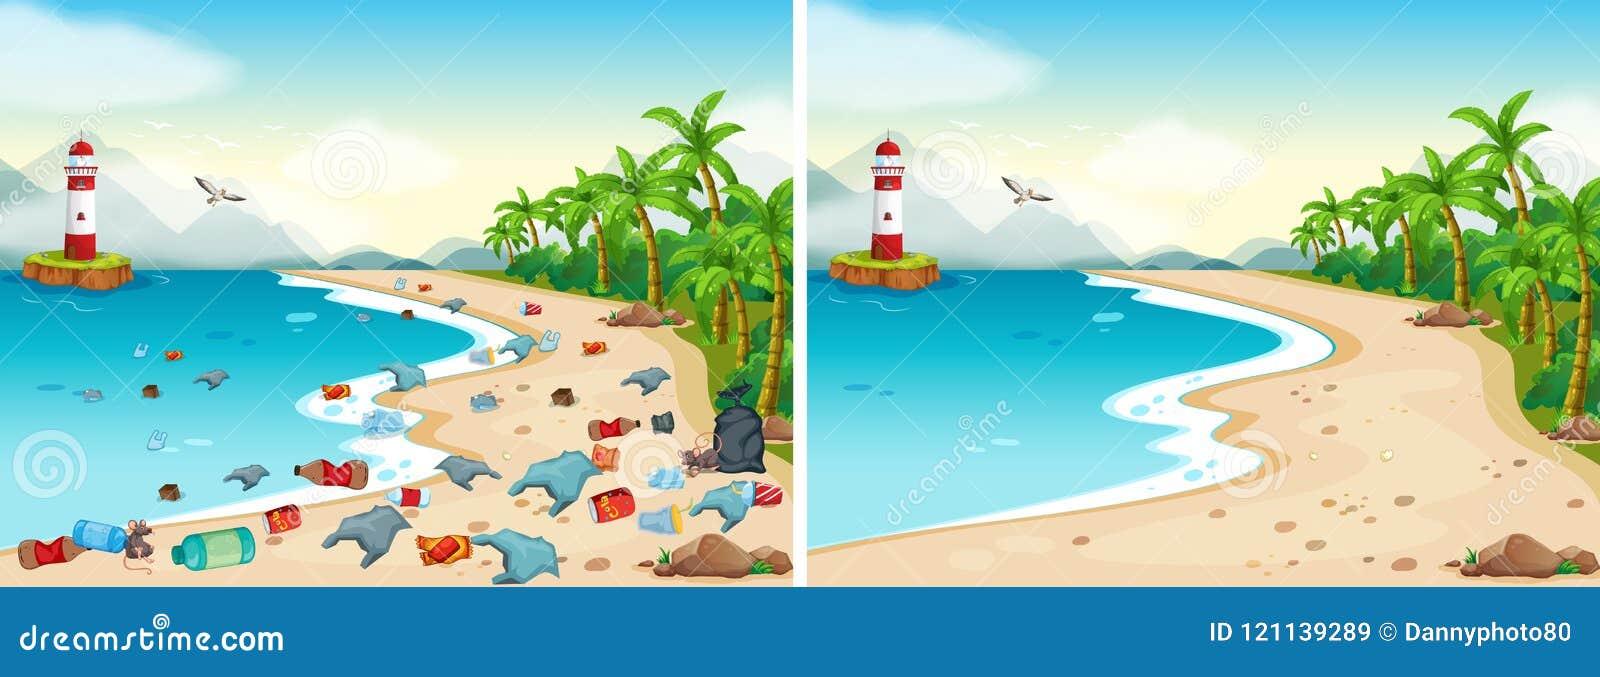 Comparaison De Plage Sale Et Propre Illustration De Vecteur